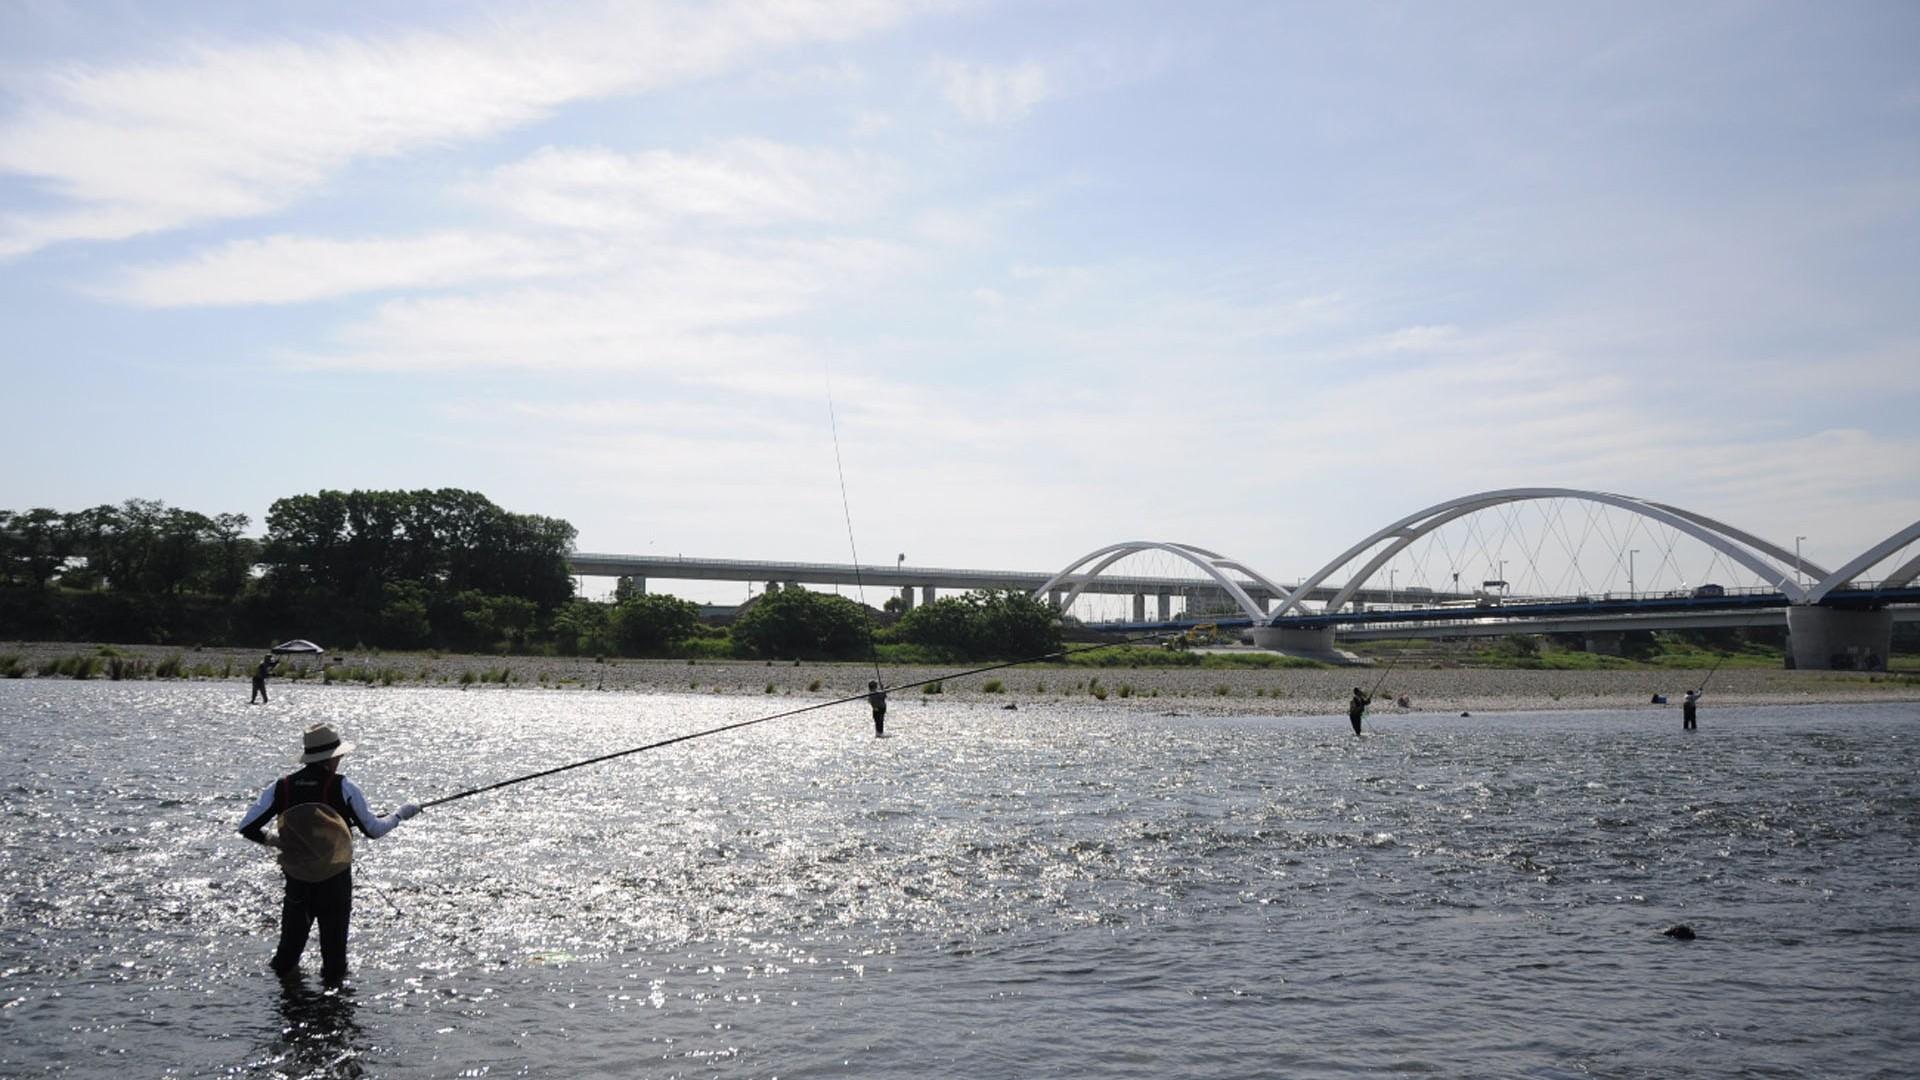 Au bord de la rivière  (Rivière de la ville d'Atsugi)